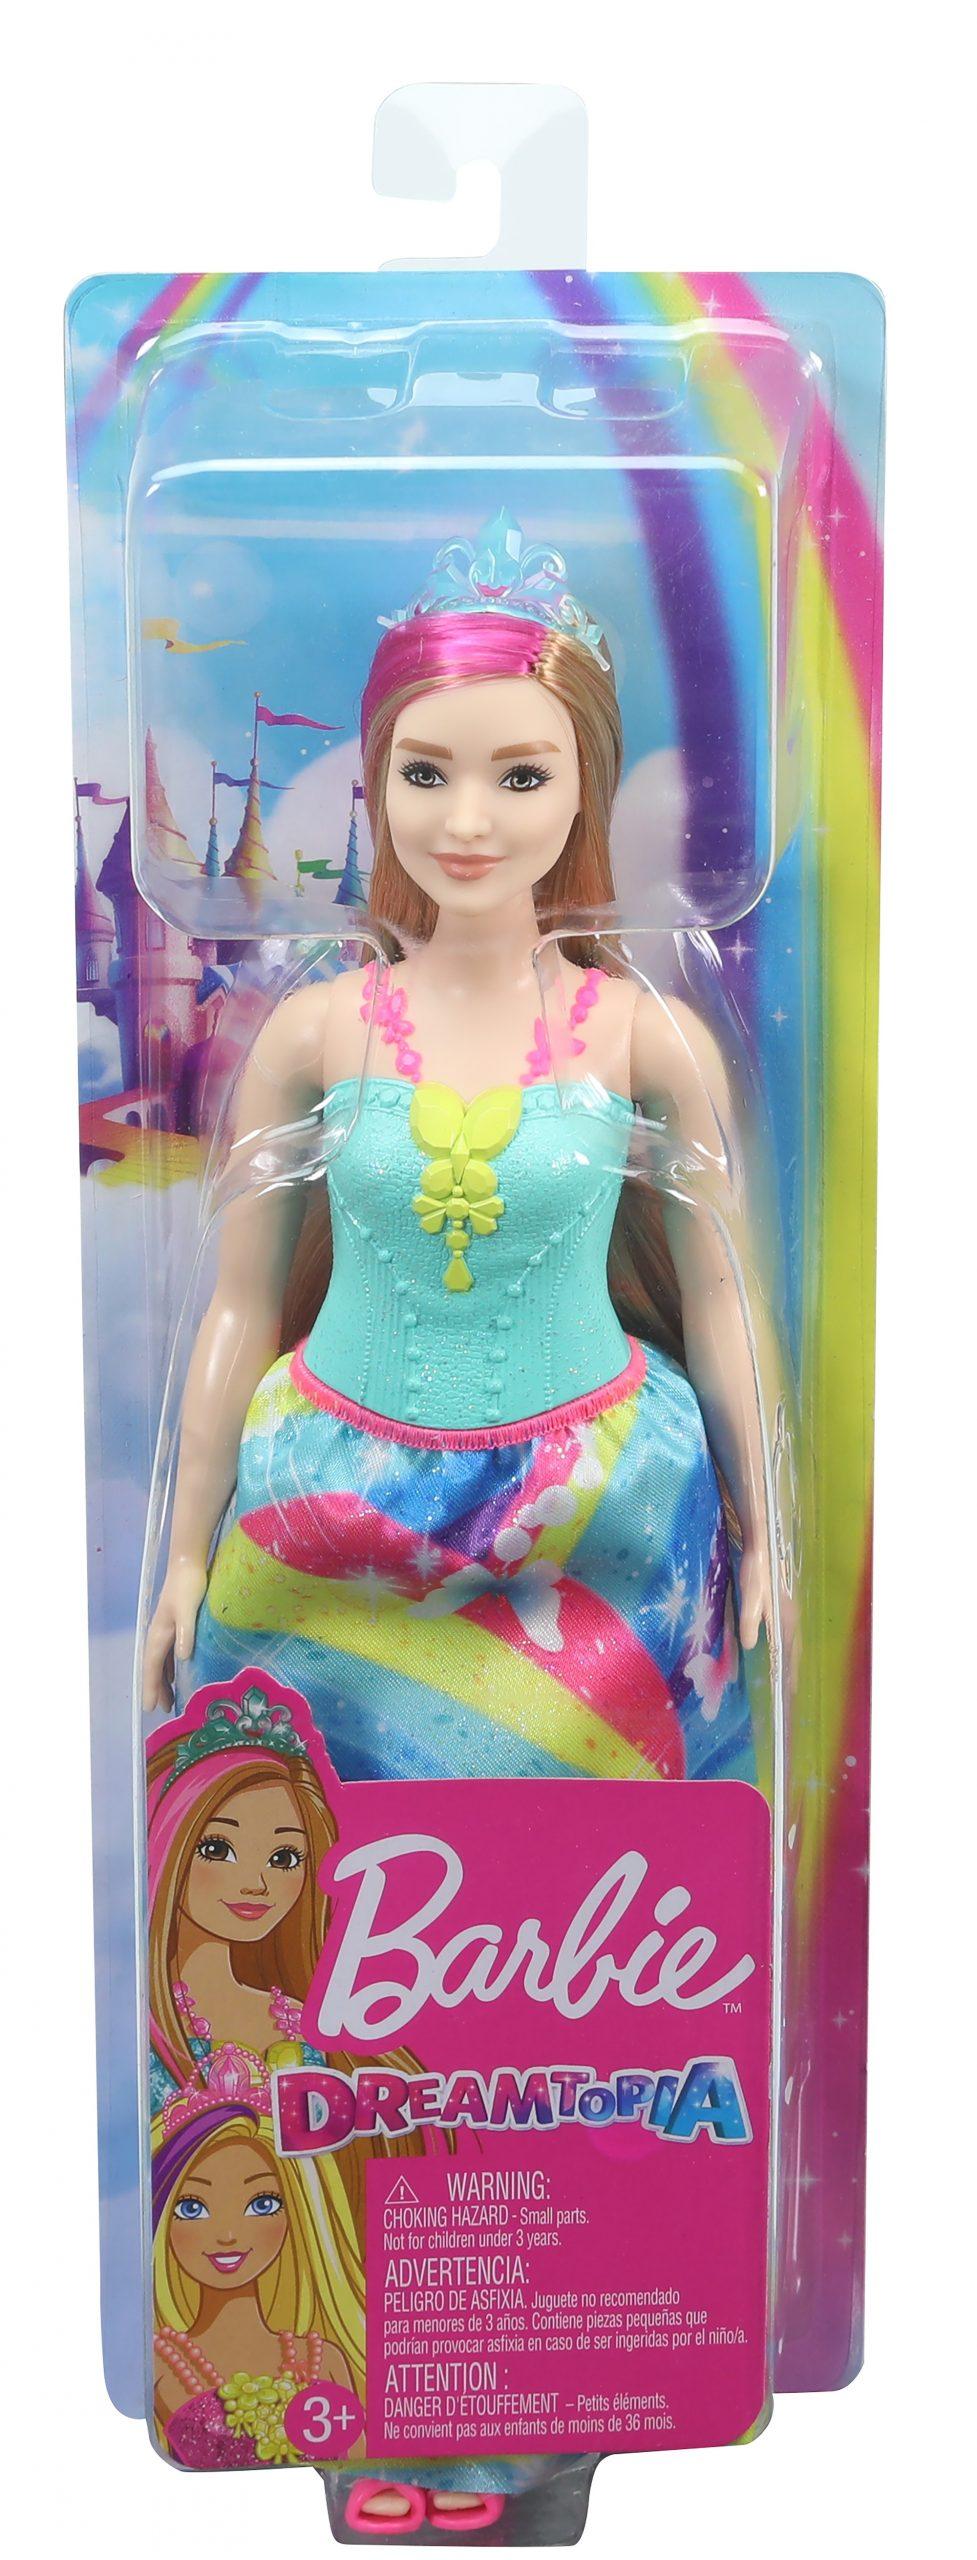 Barbie- dreamtopia bambola principessa bionda con ciocca rosa giocattolo per bambini 3+ anni - Barbie